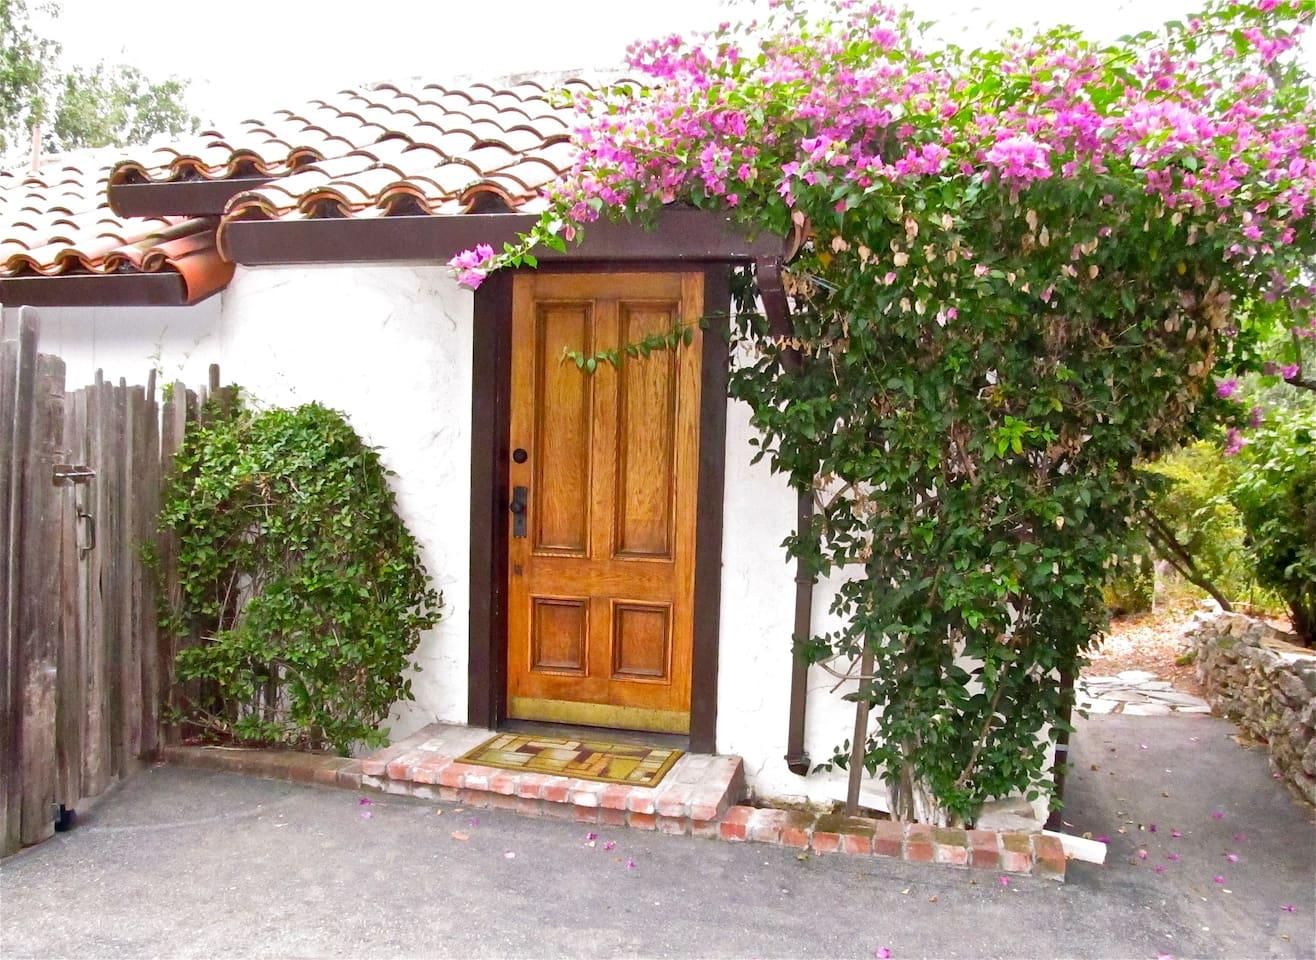 Behind this door lies your rustic, relaxing retreat.